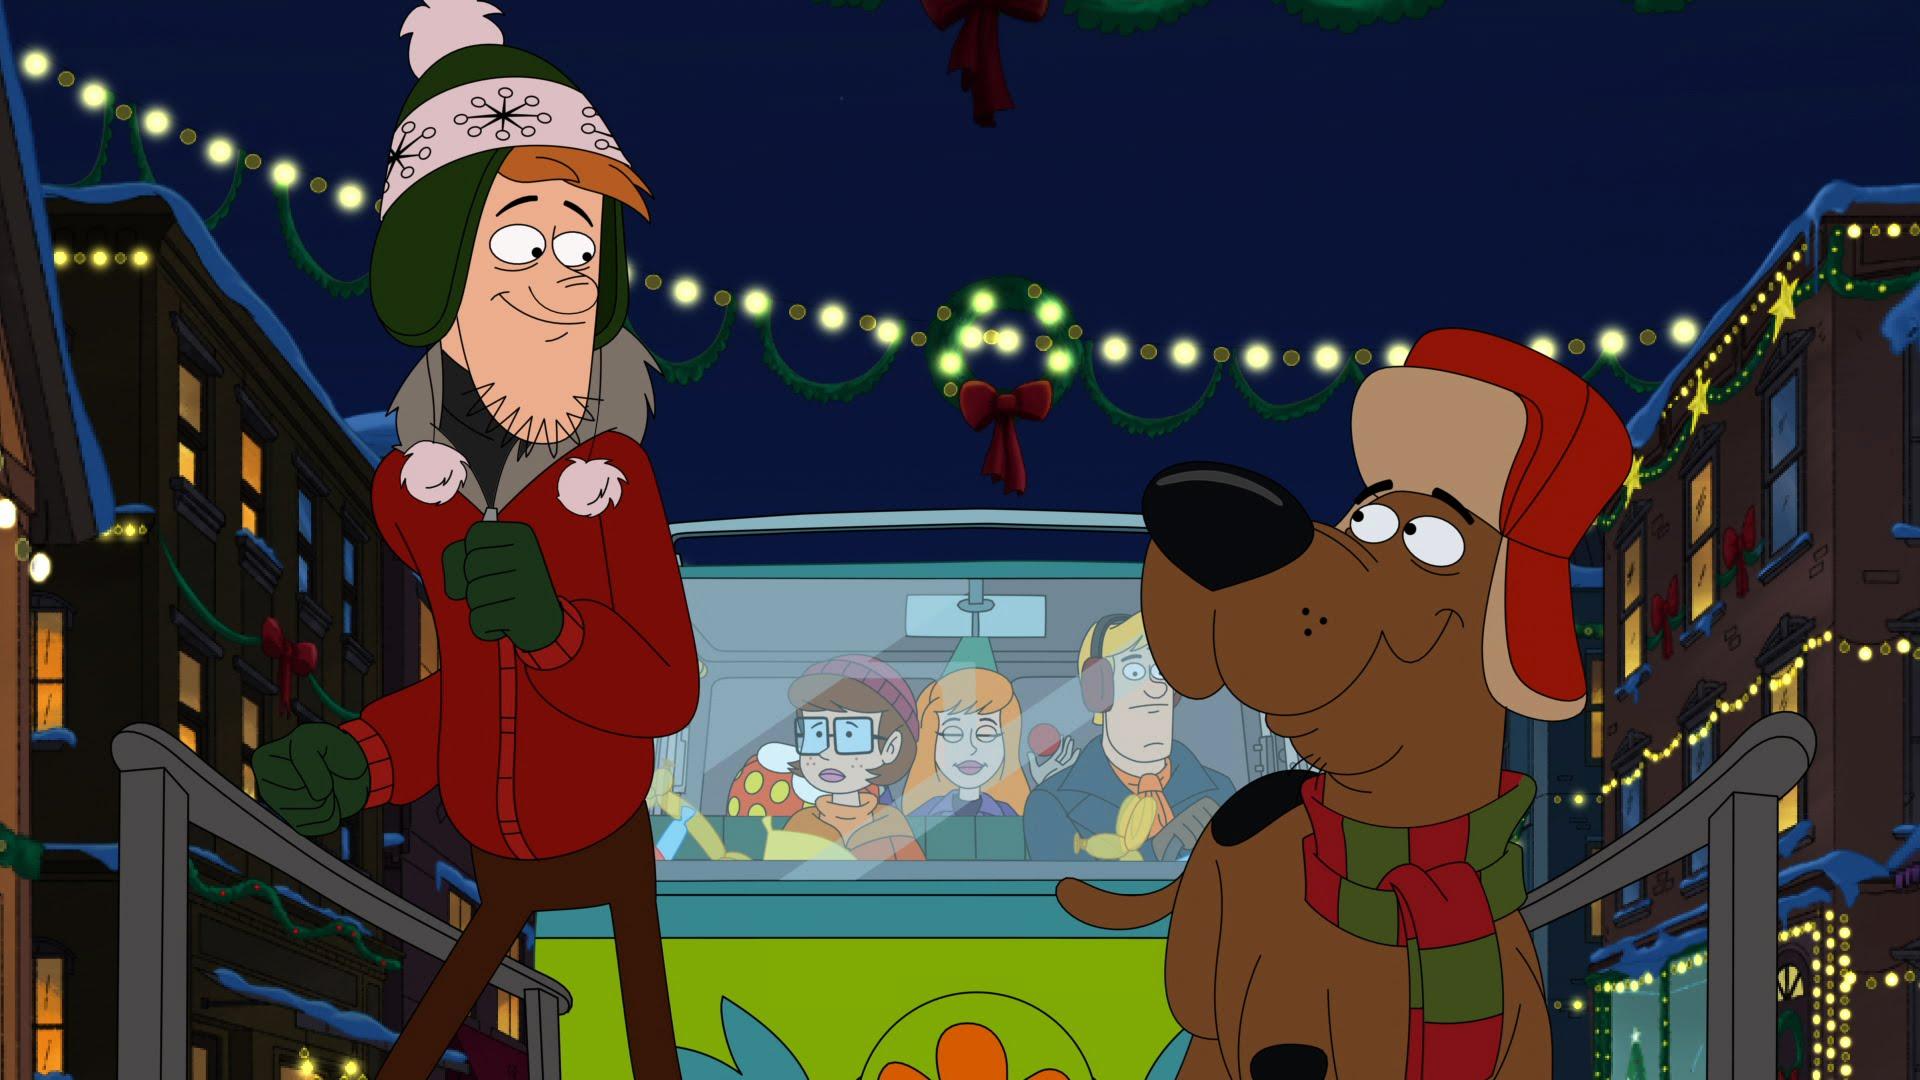 Scooby Doo Christmas.Be Cool Scooby Doo Scary Christmas Tv Episode 2015 Imdb